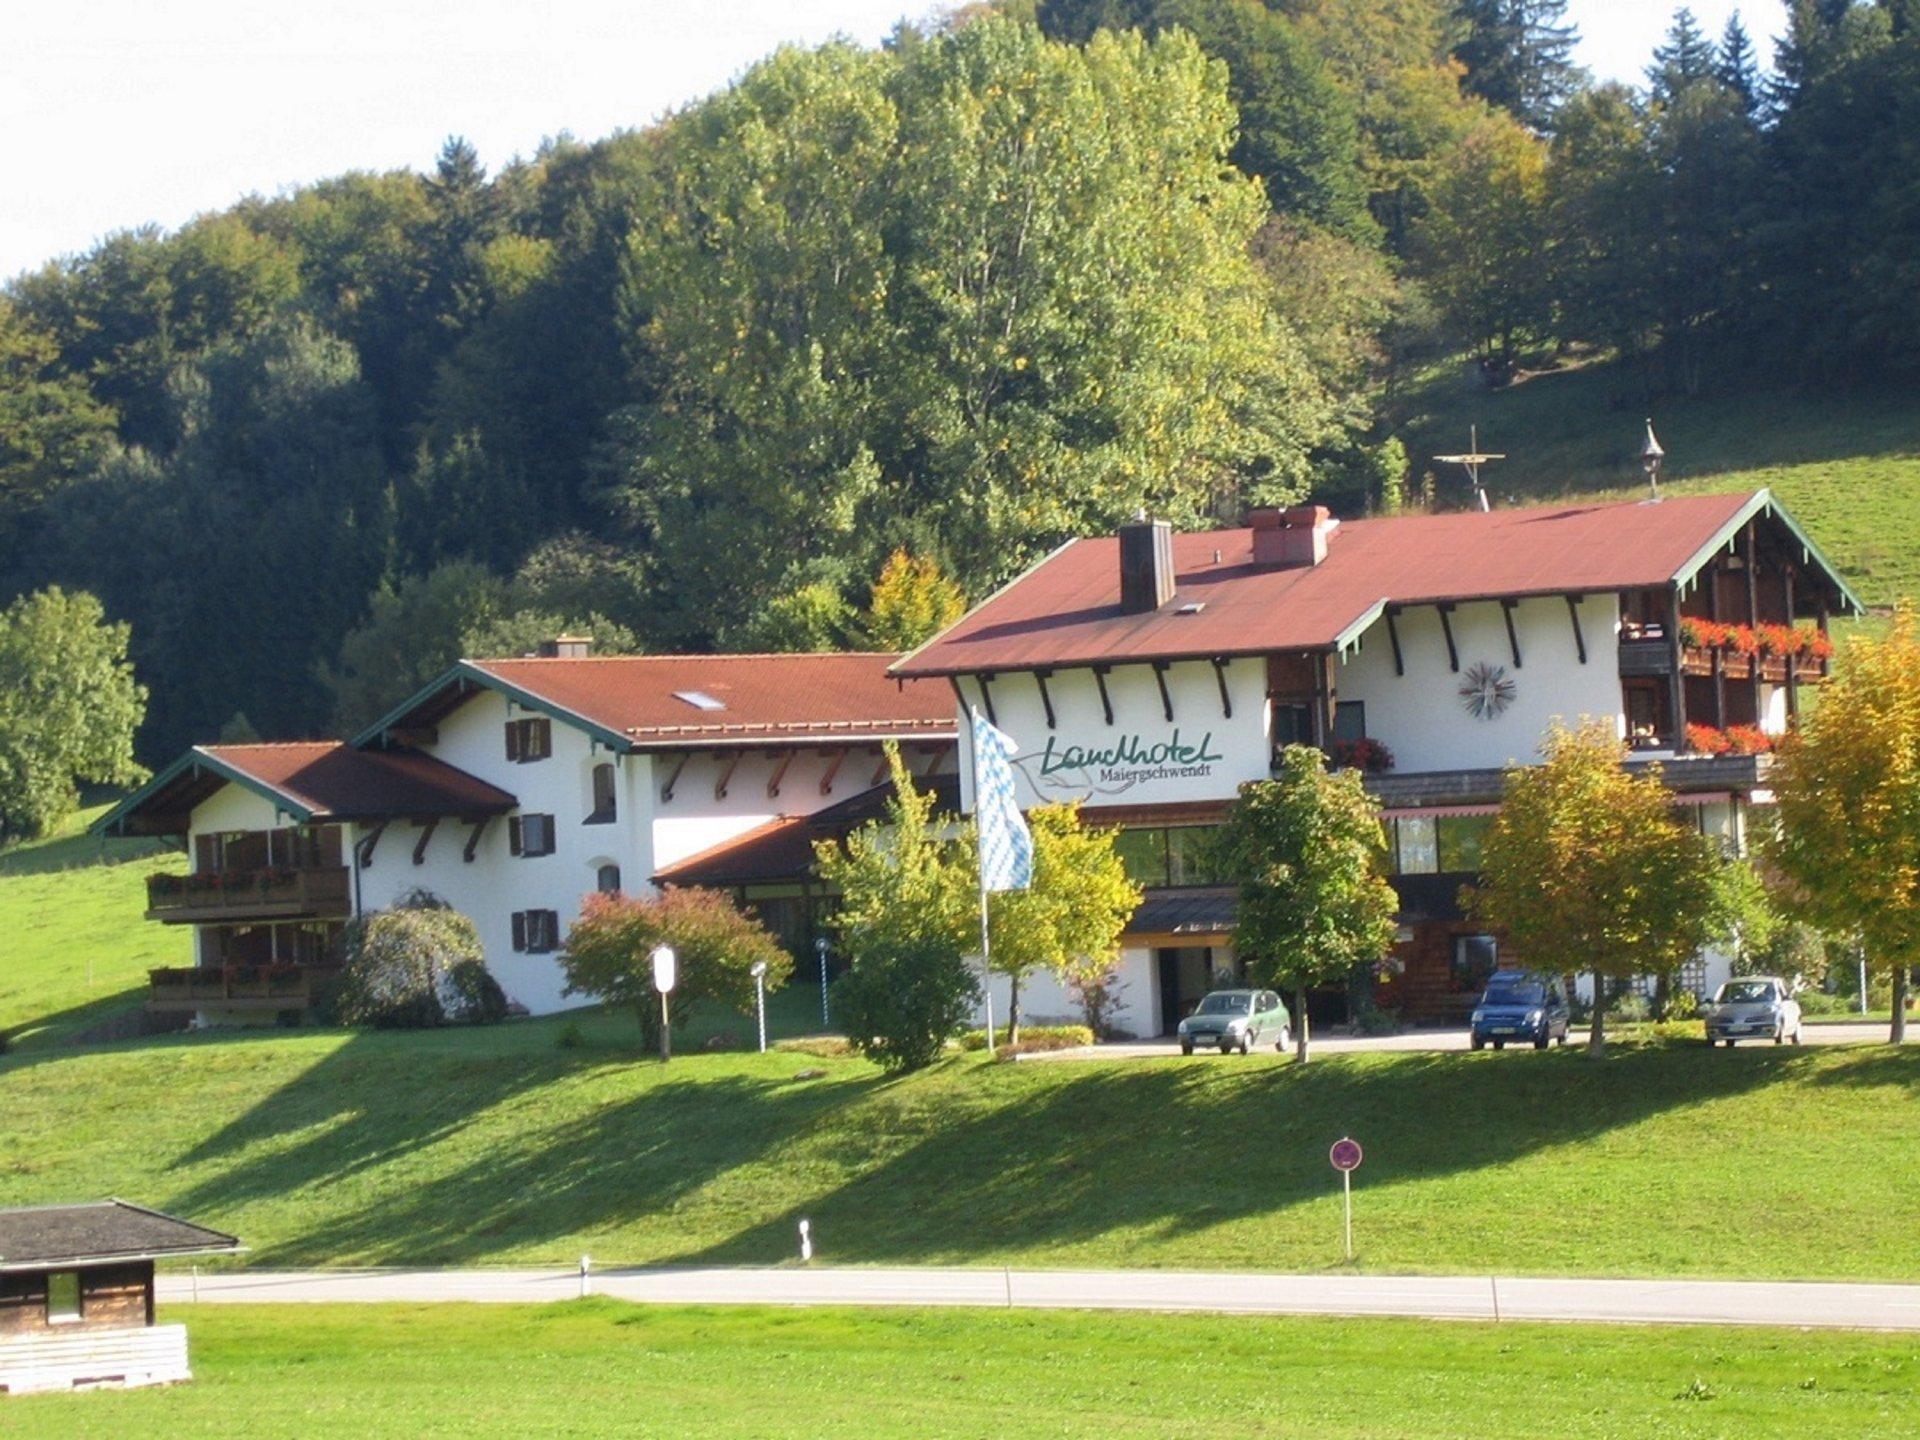 Verwöhntage - 2 Tage/1 Nacht im Chiemgau erleben